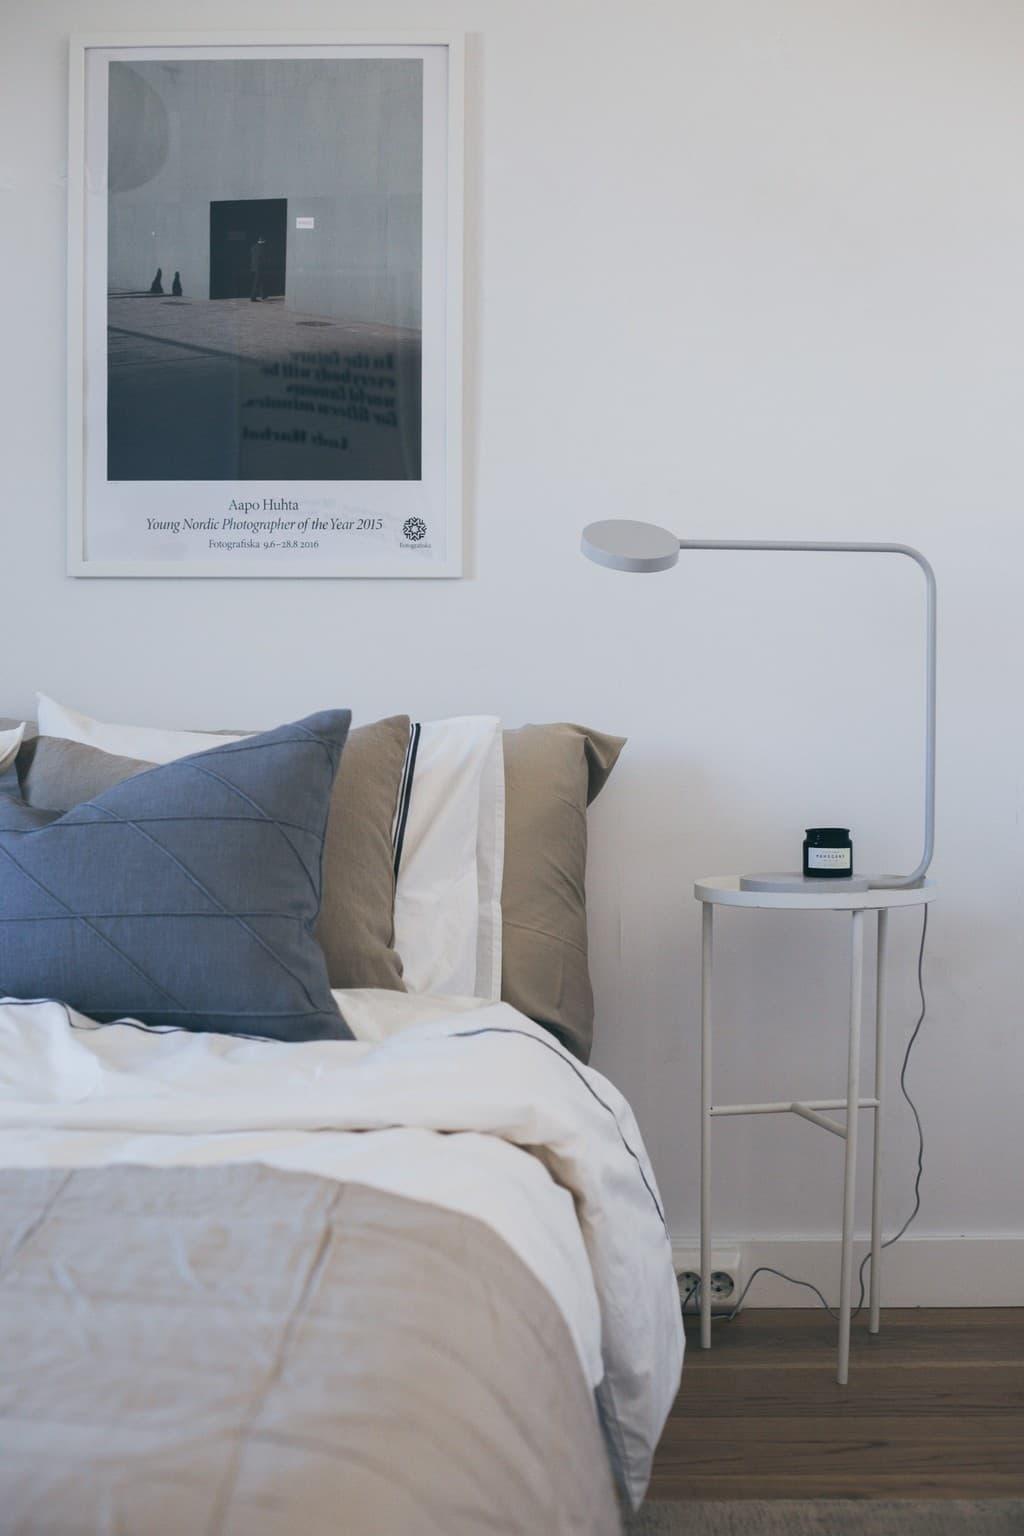 bäddad säng med kuddar och sängbord